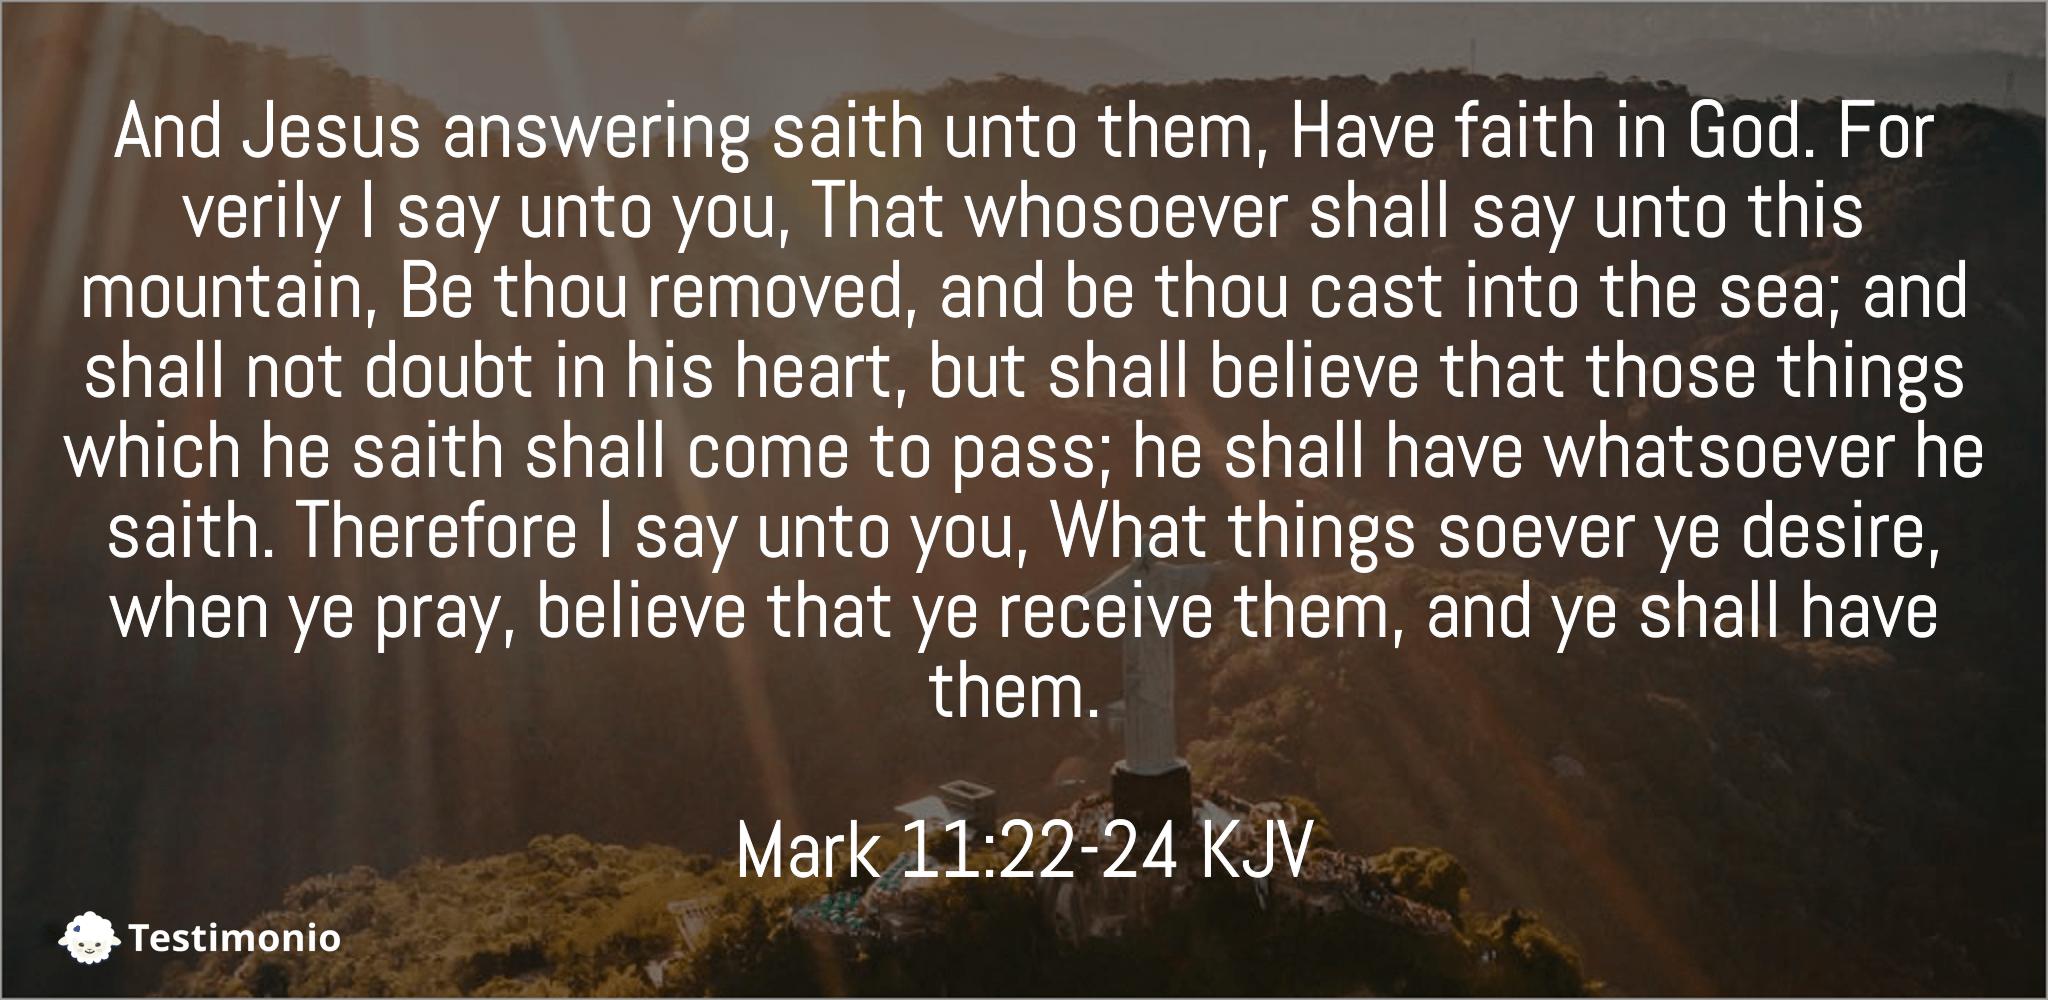 Mark 11:22-24